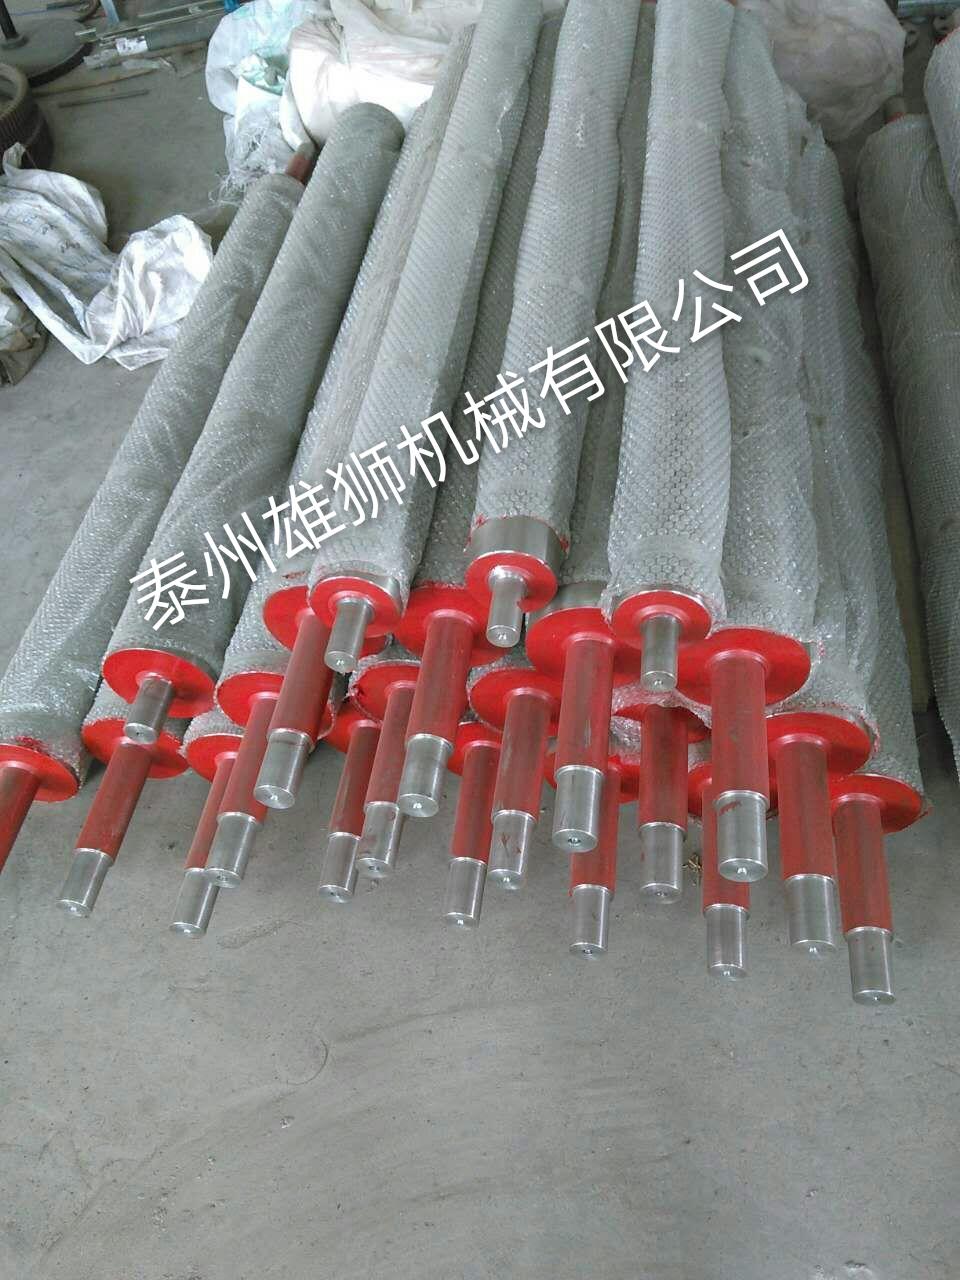 冷却辊φ570双层冷却辊,不锈钢烘筒导热油烘筒不锈钢烘筒,双层导热油烘筒